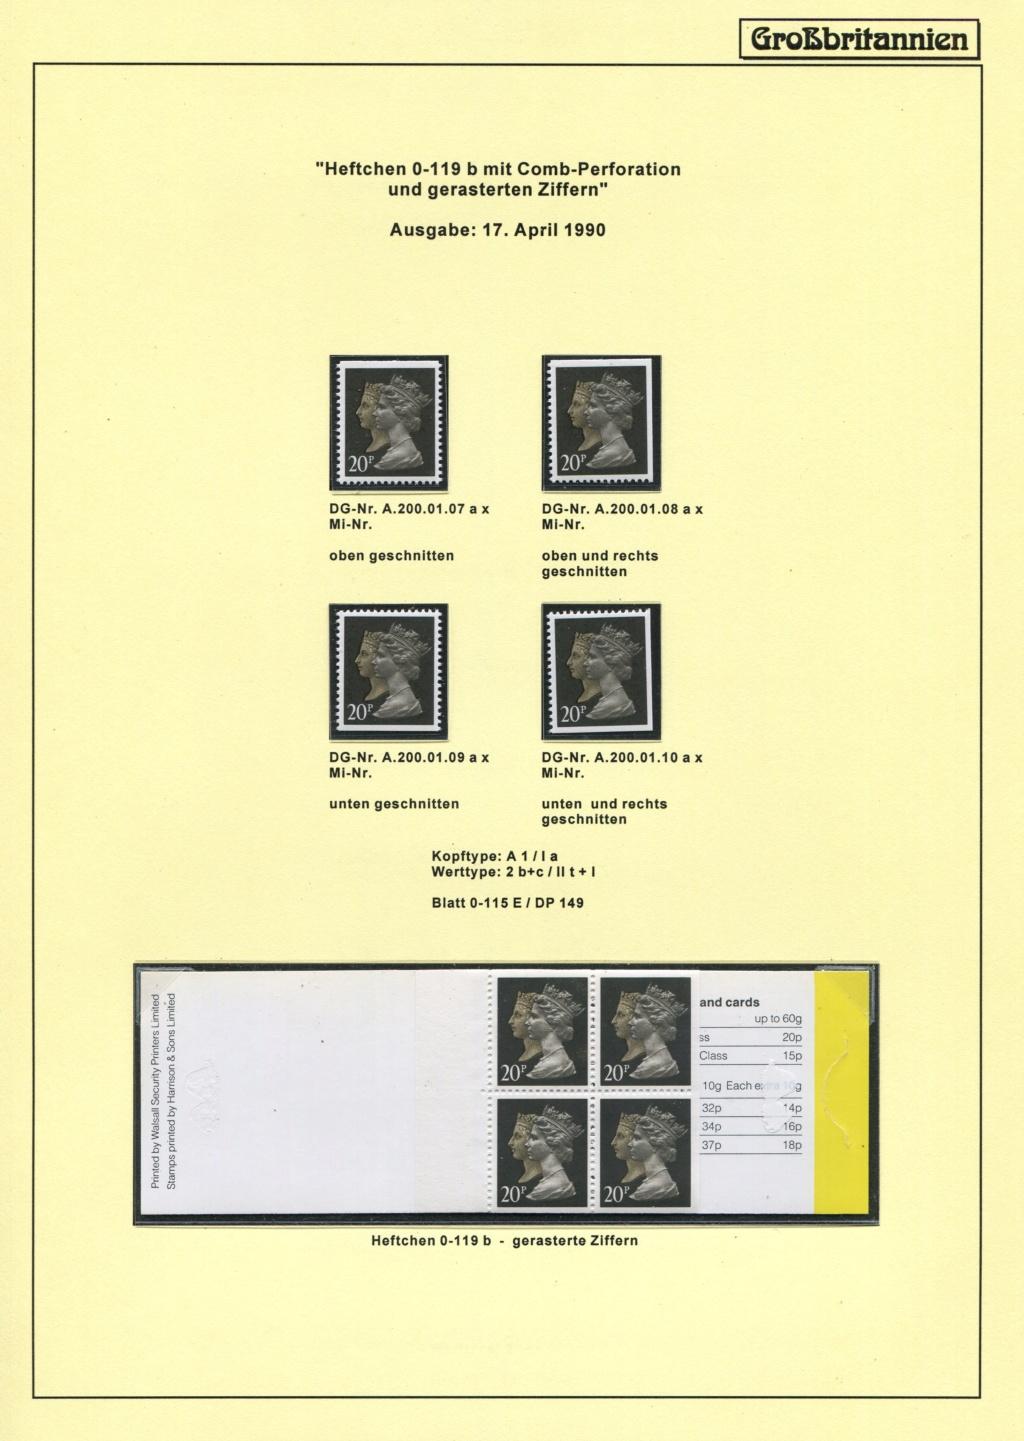 Großbritannien - 150 Jahre Briefmarken Black_50